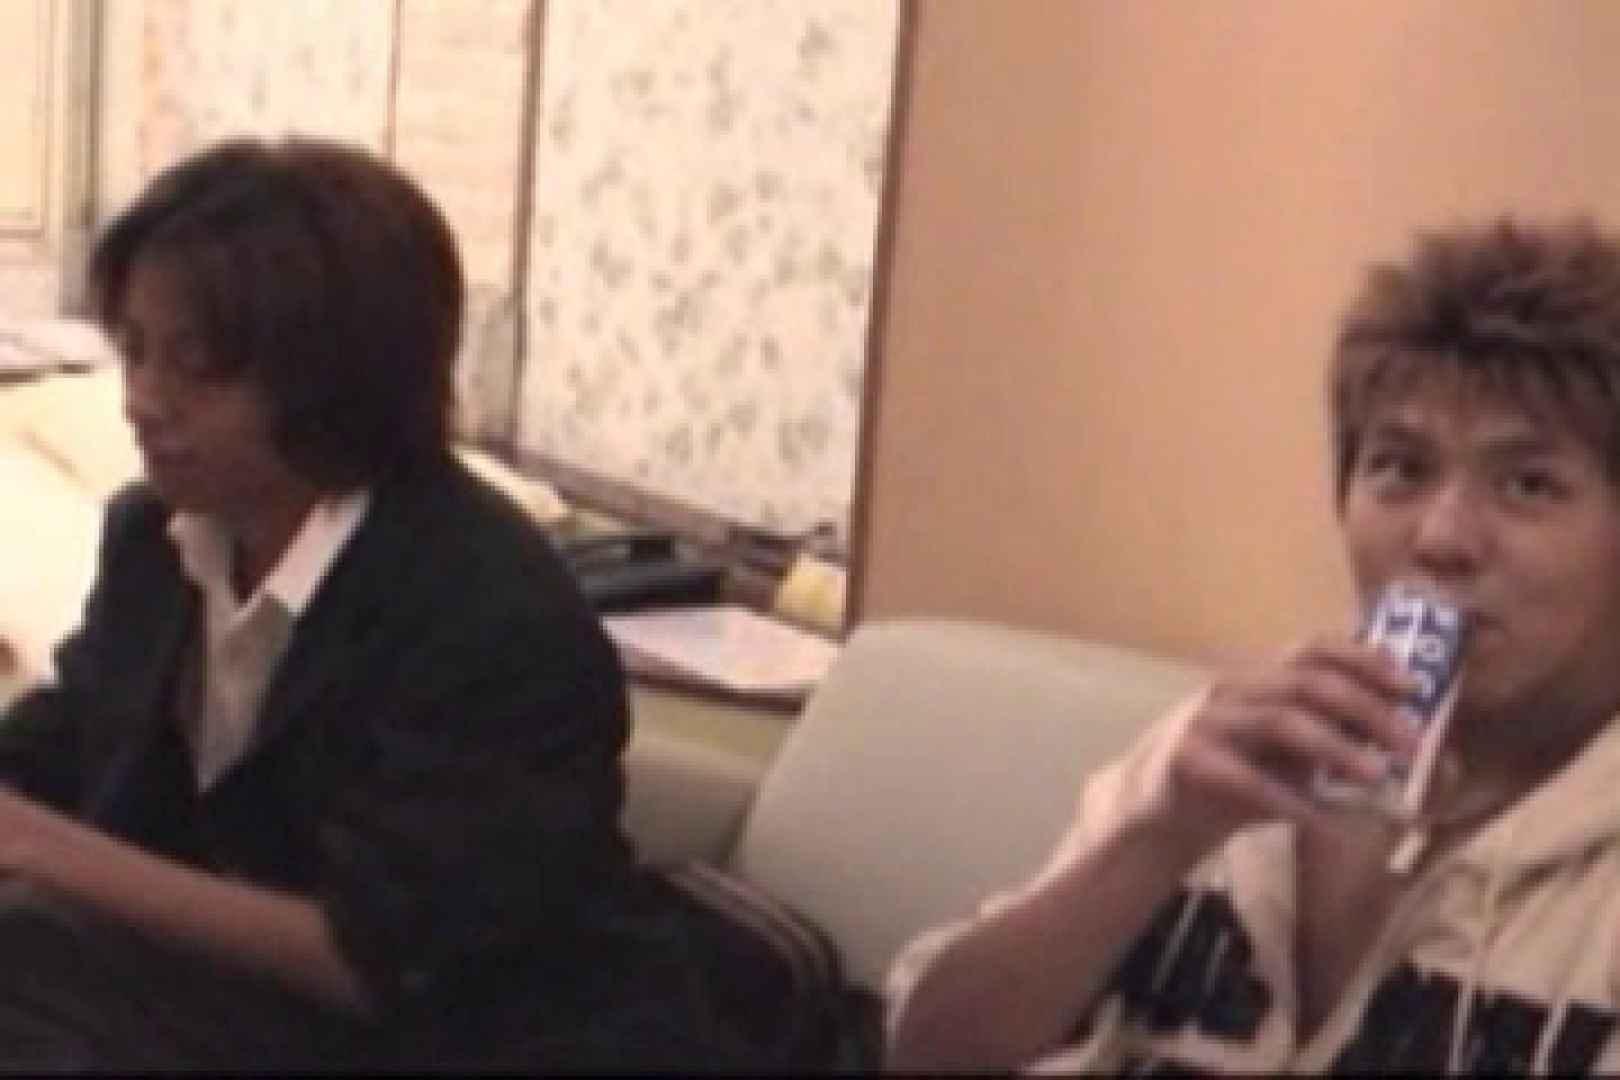 【流出】ジャニ系イケメン!!フライング&アナルが痛くて出来ません!! 茶髪 亀頭もろ画像 72枚 40